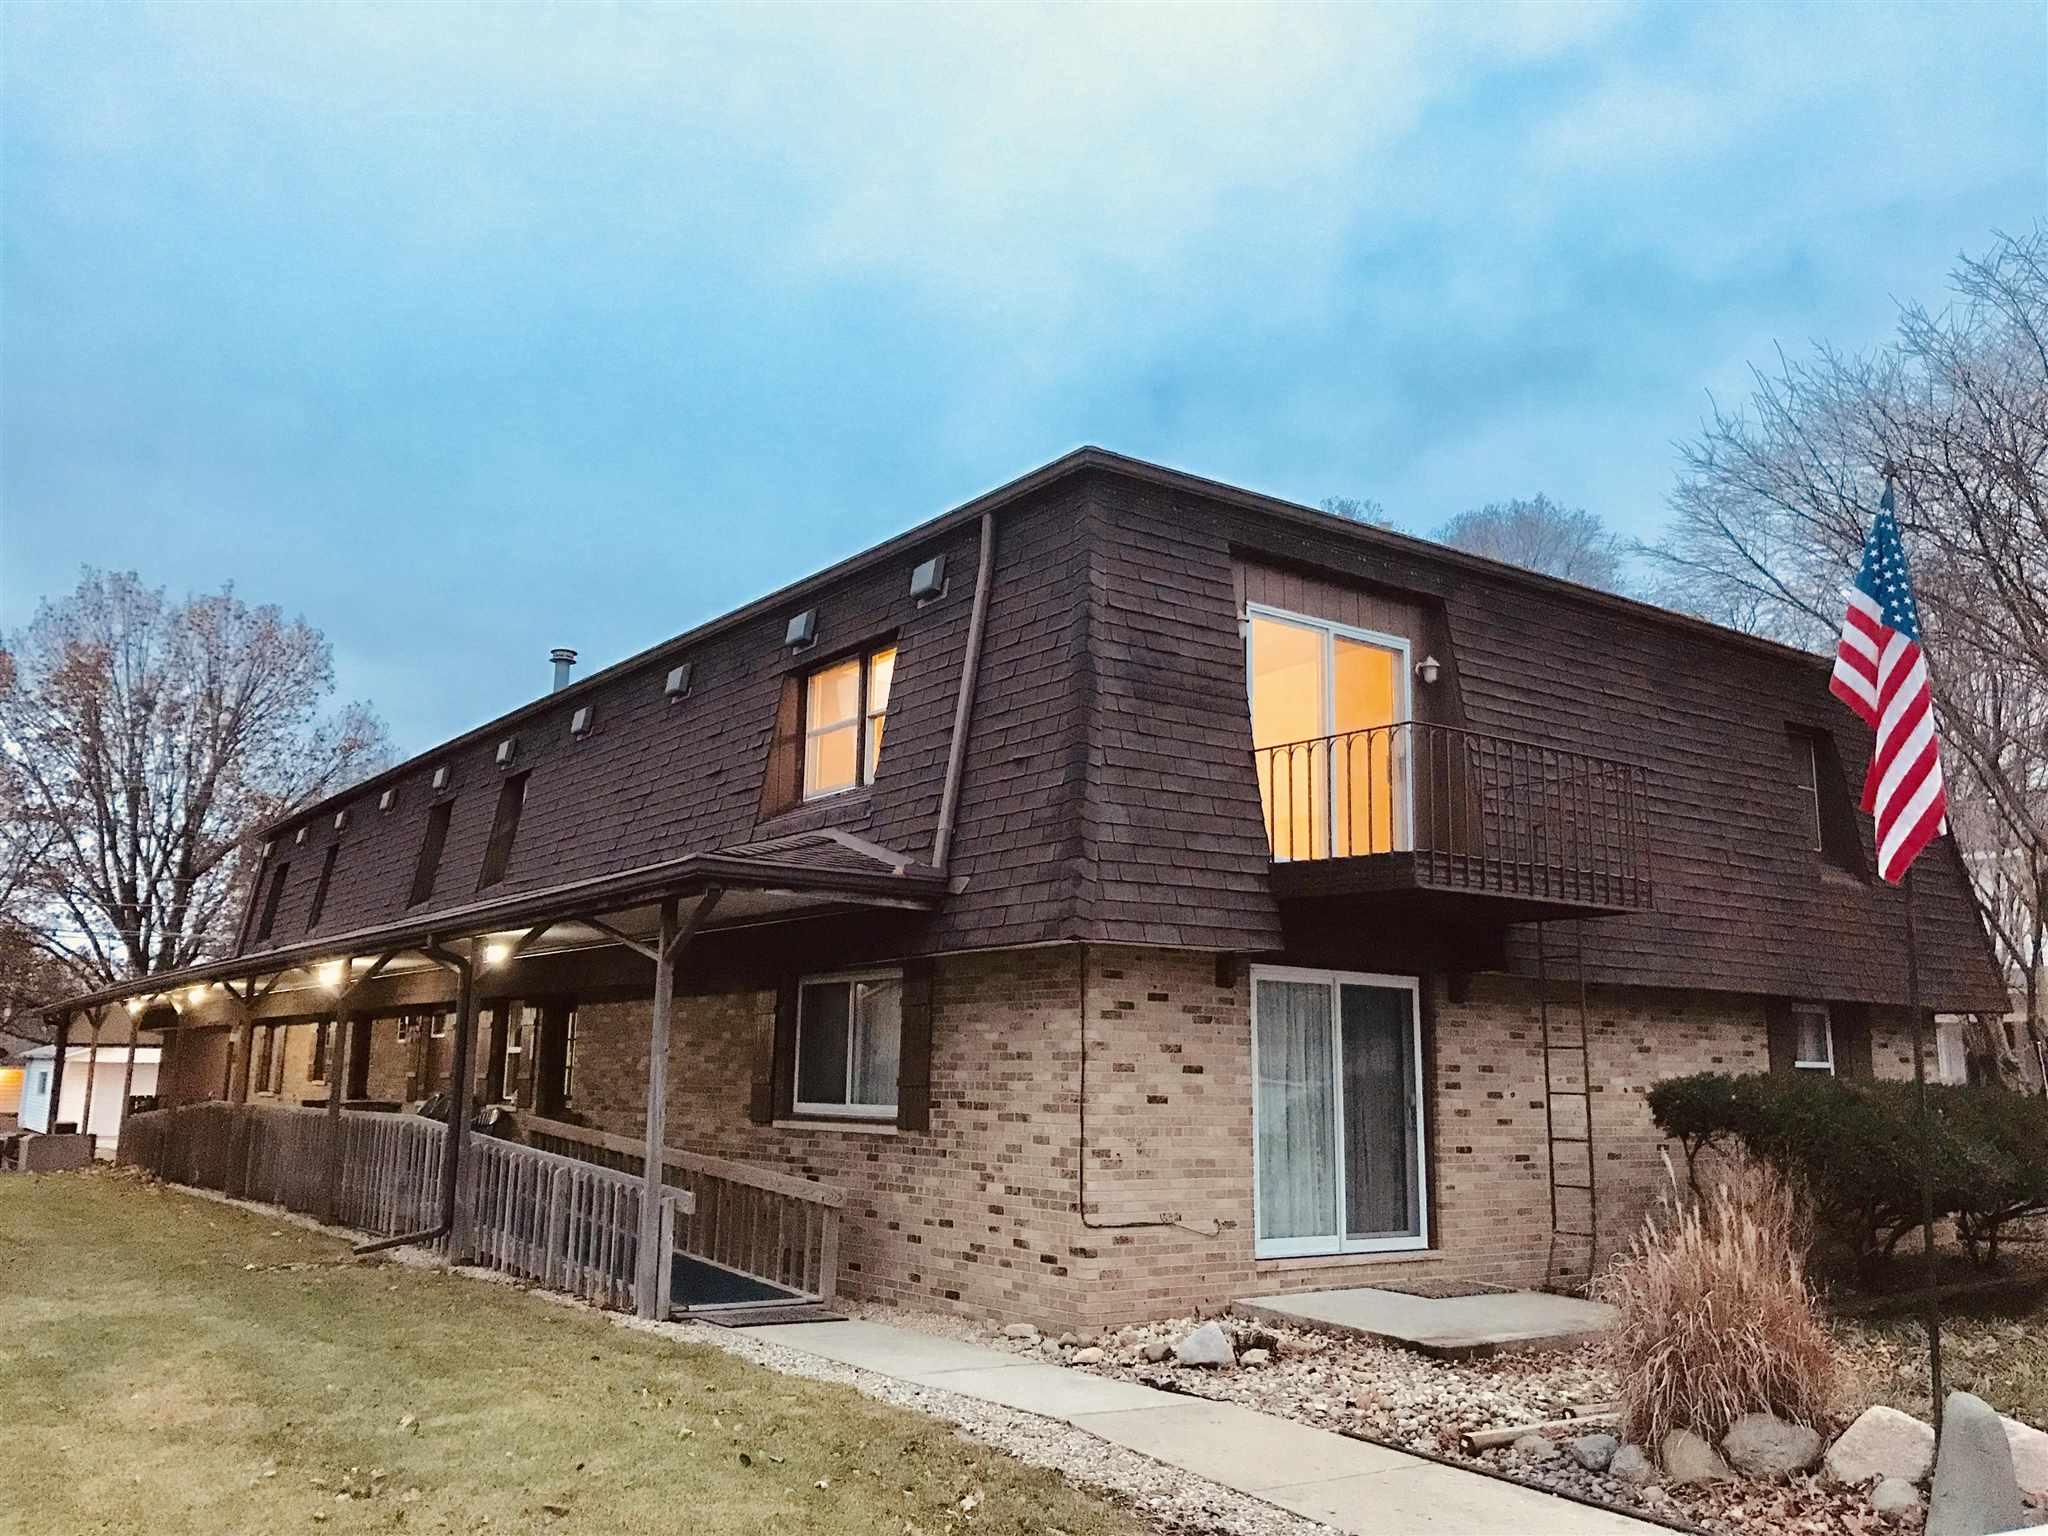 206 E CENTRAL Property Photo - Minier, IL real estate listing